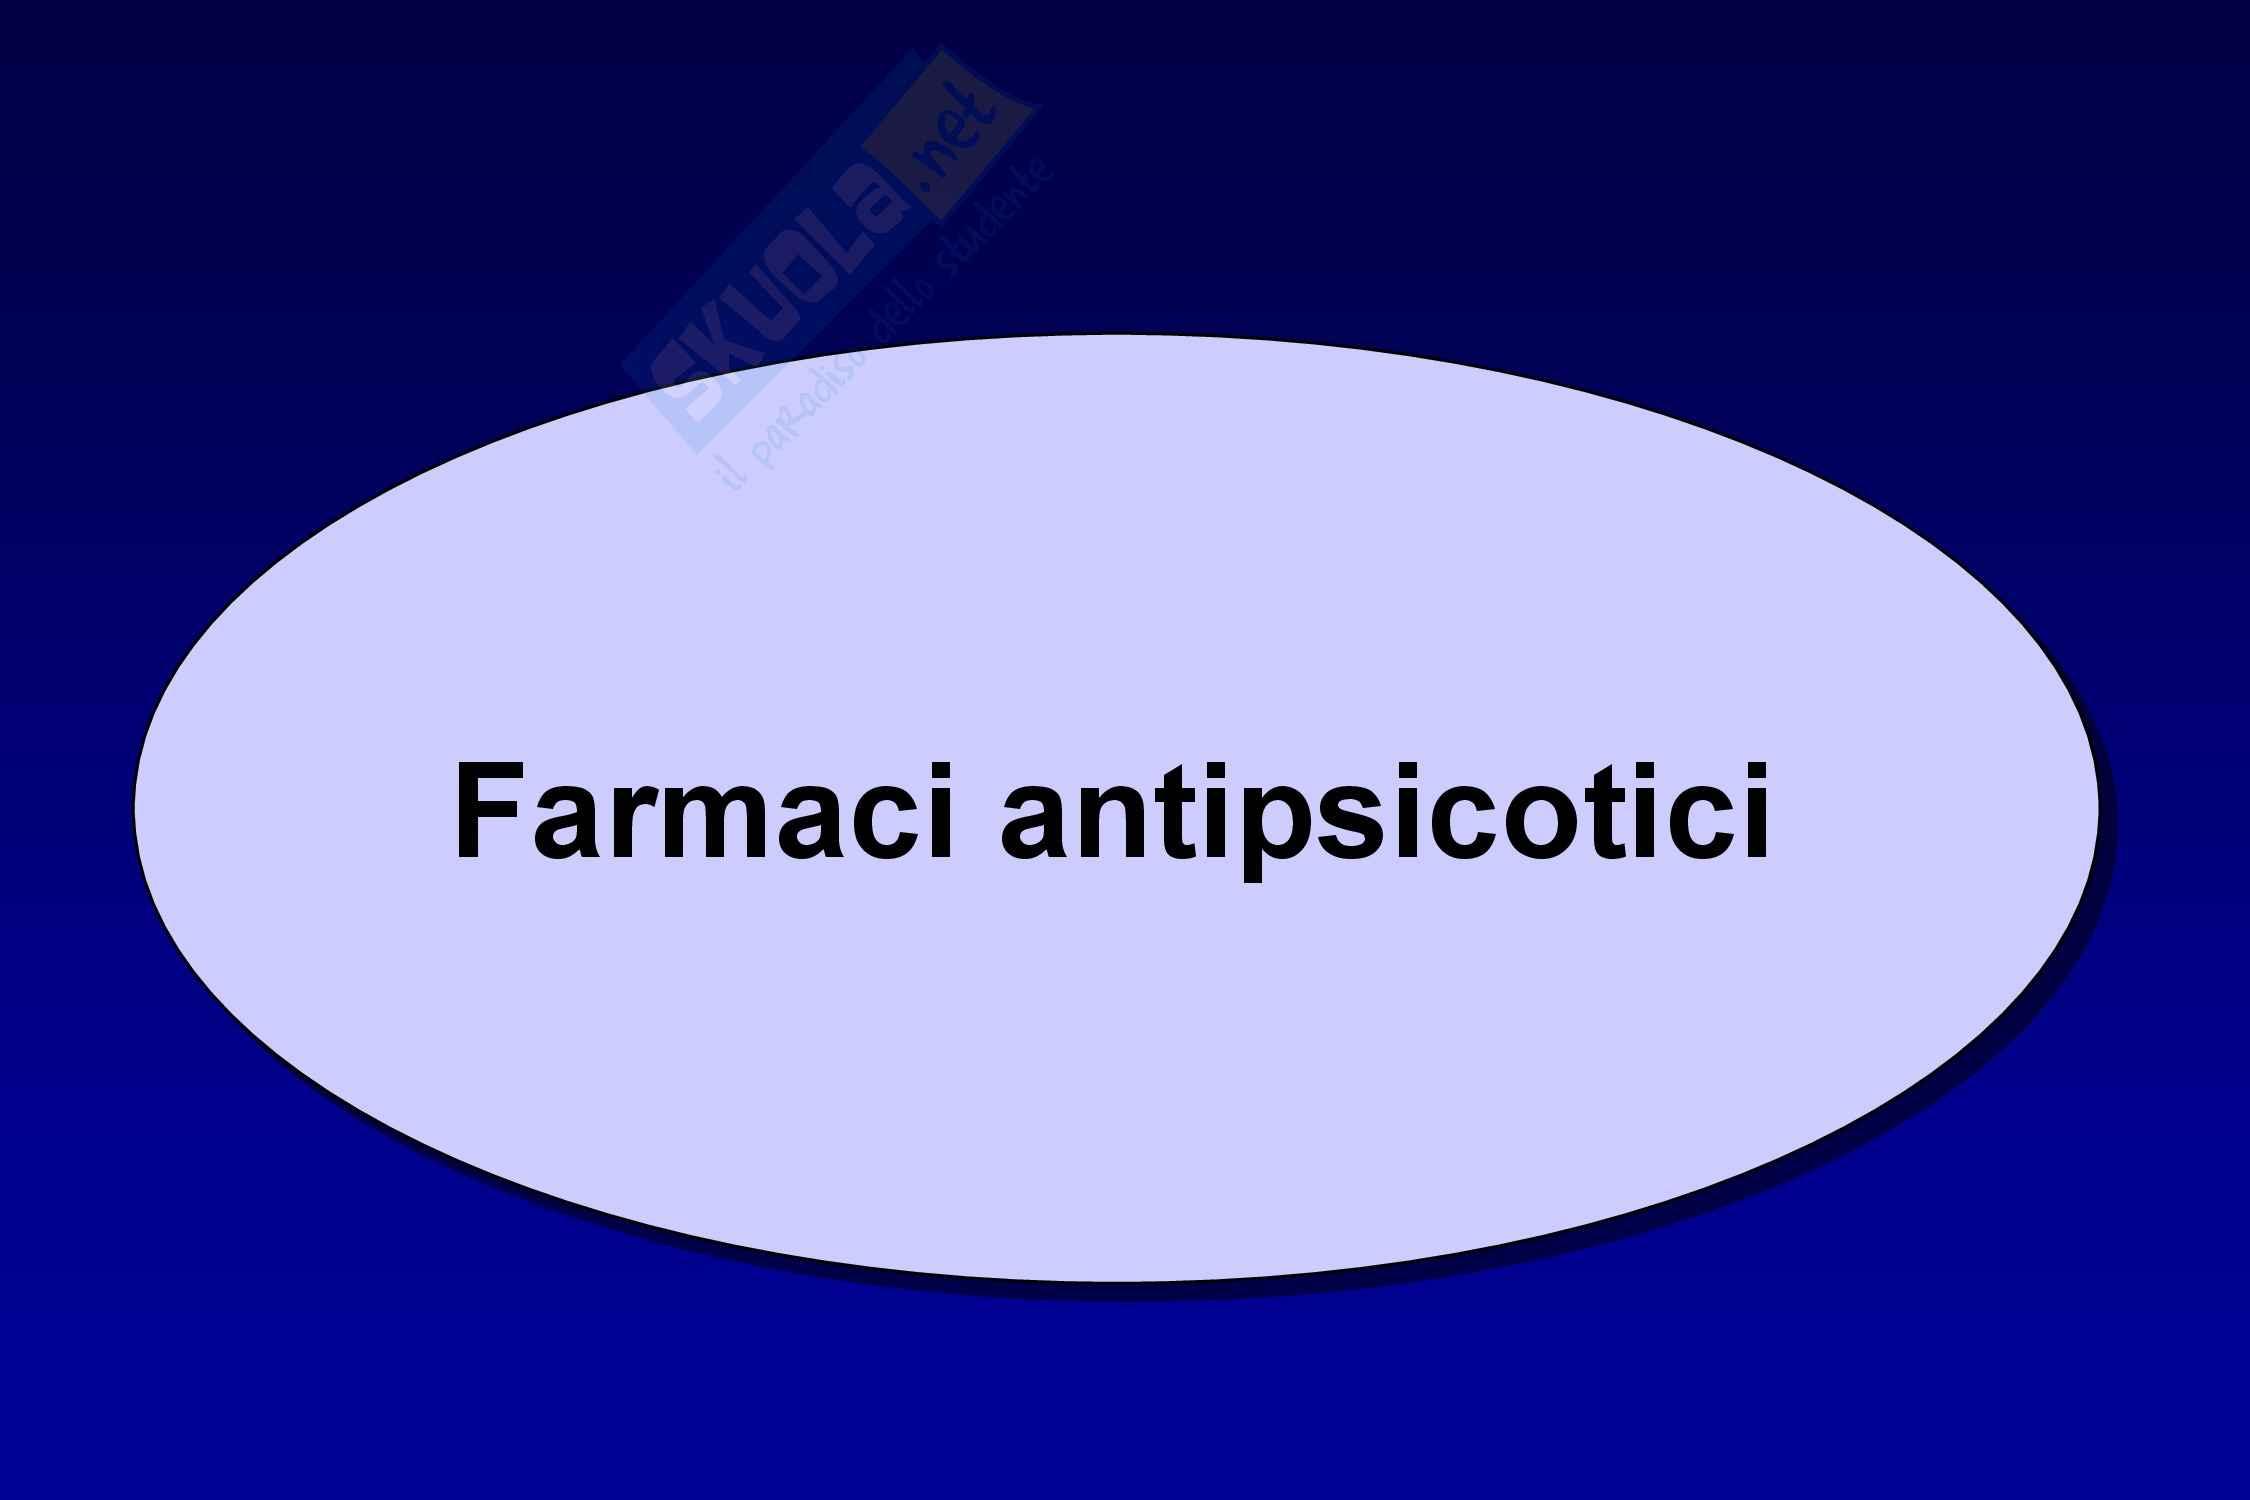 Farmacologia antipsicotici